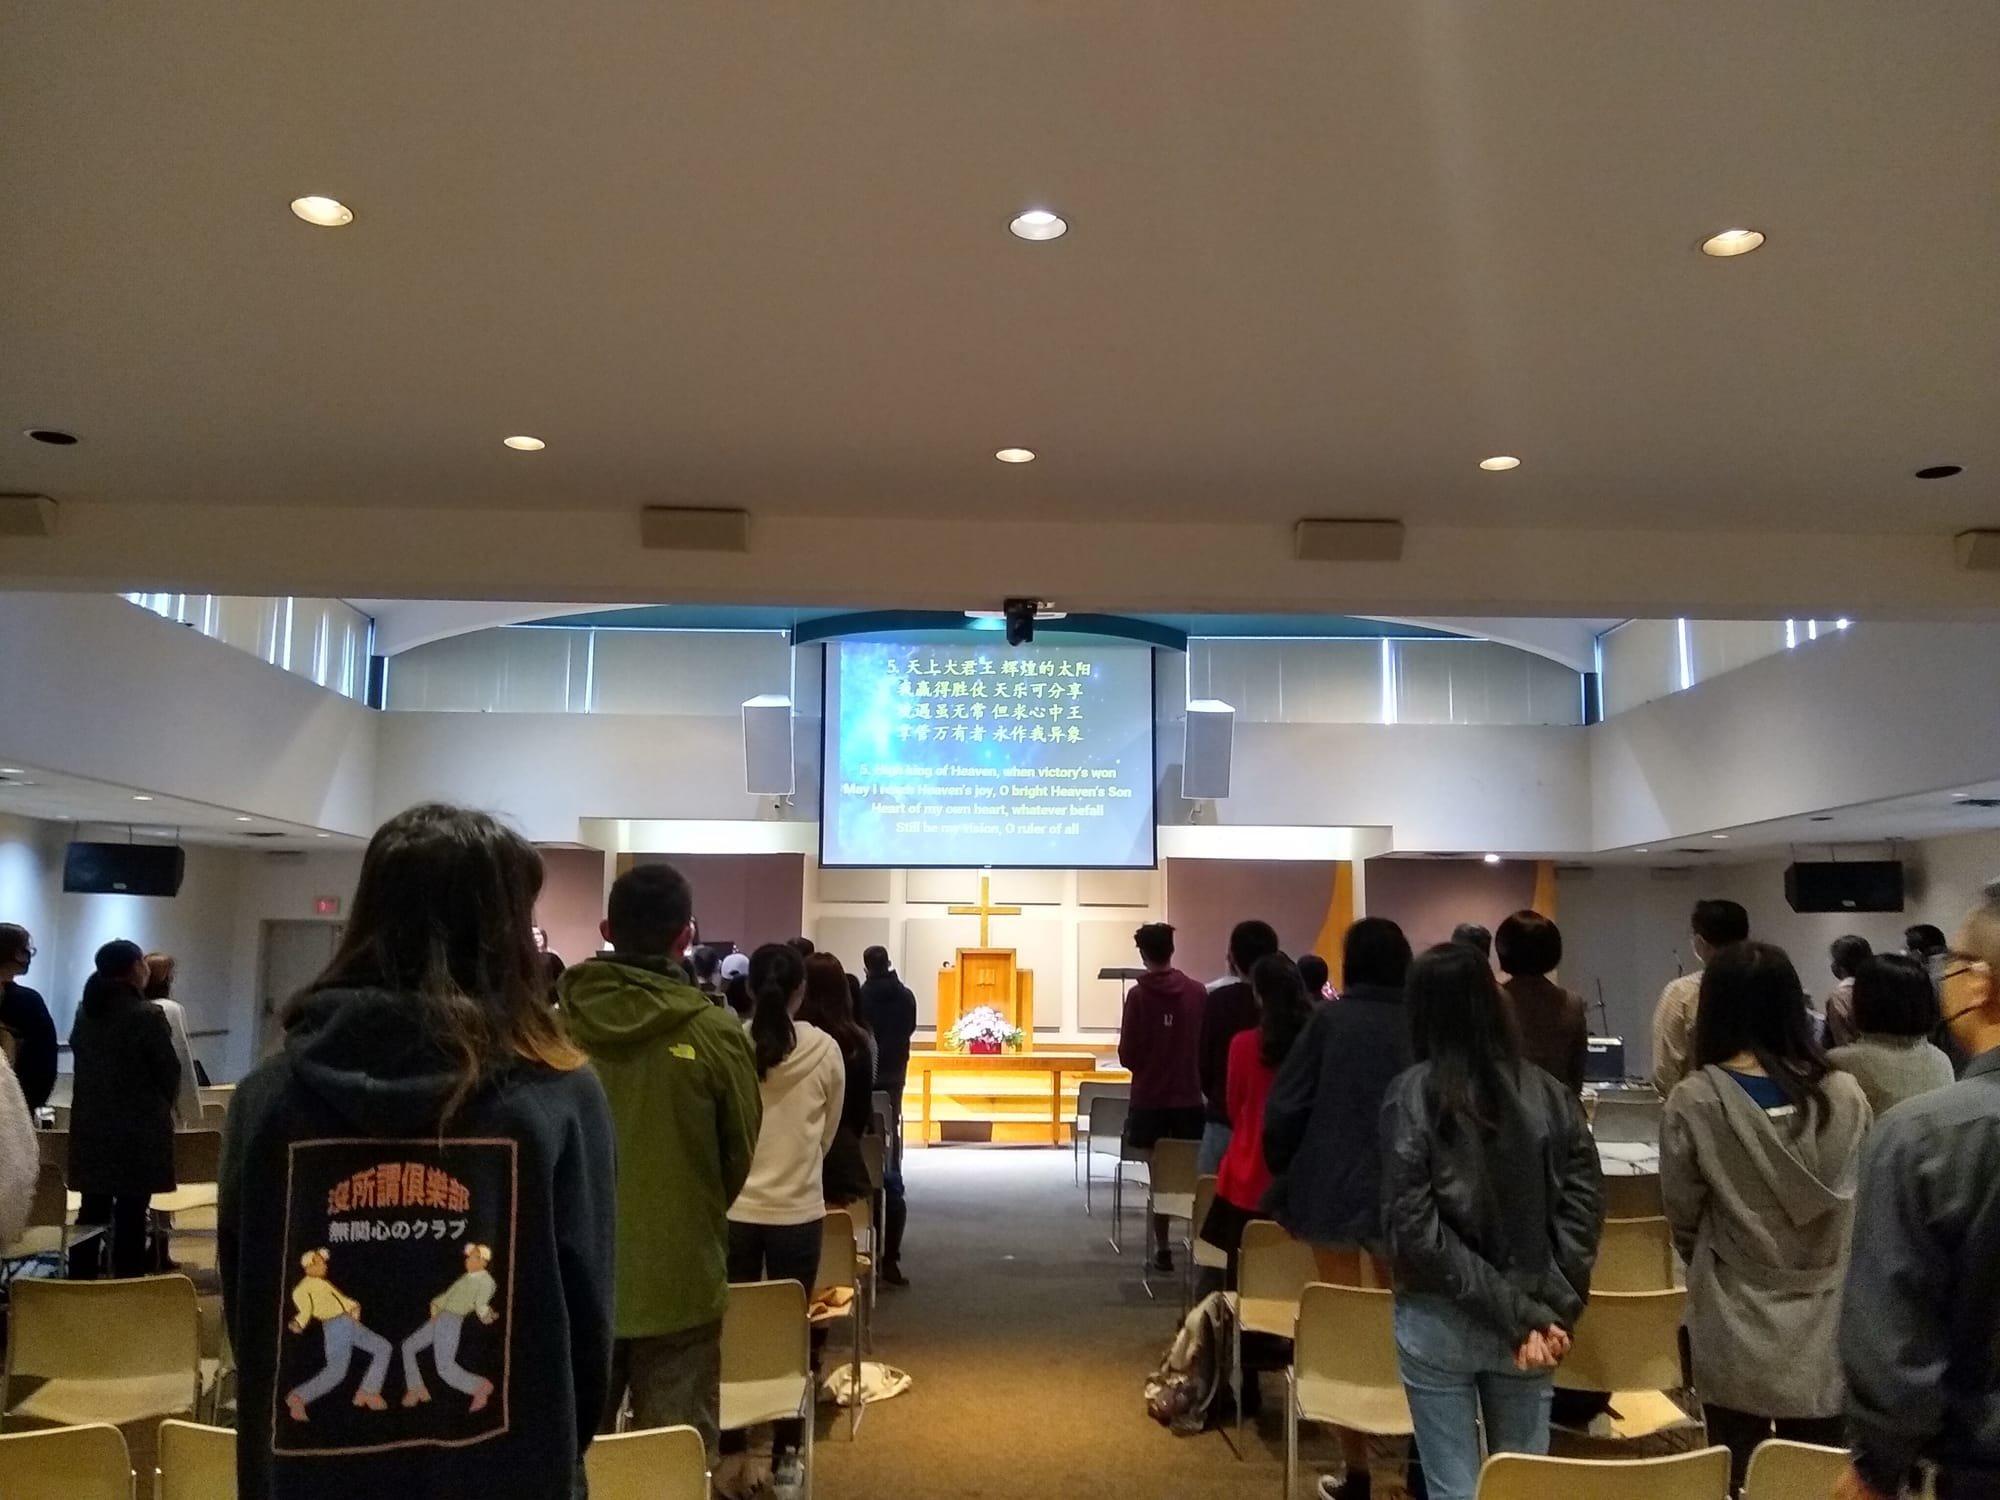 欢迎回到教堂参加主日崇拜